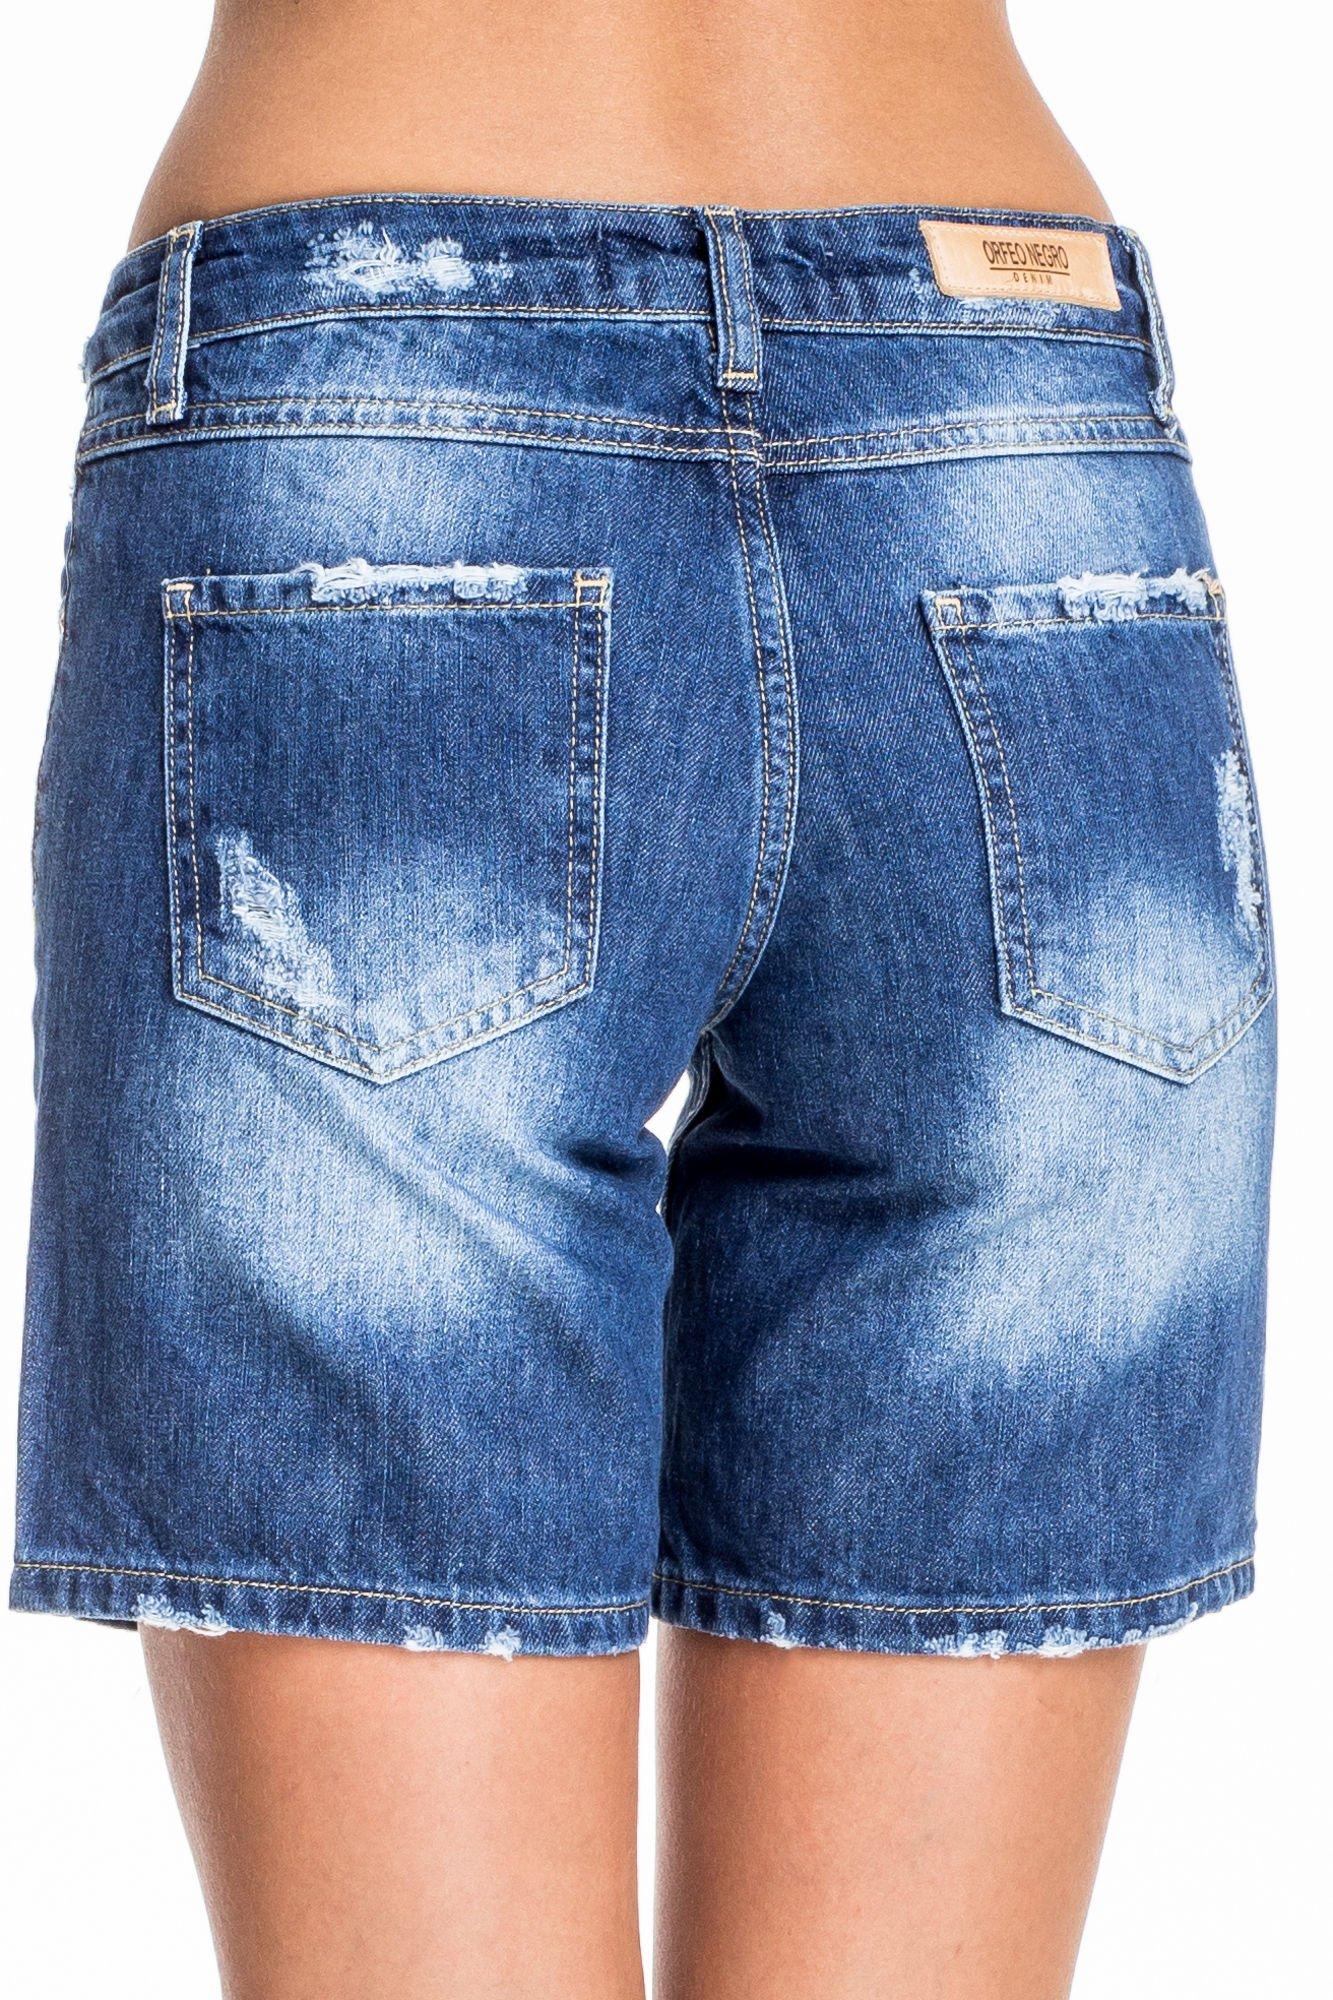 Niebieskie jeansowe szorty z przecieraną nogawką                                  zdj.                                  2